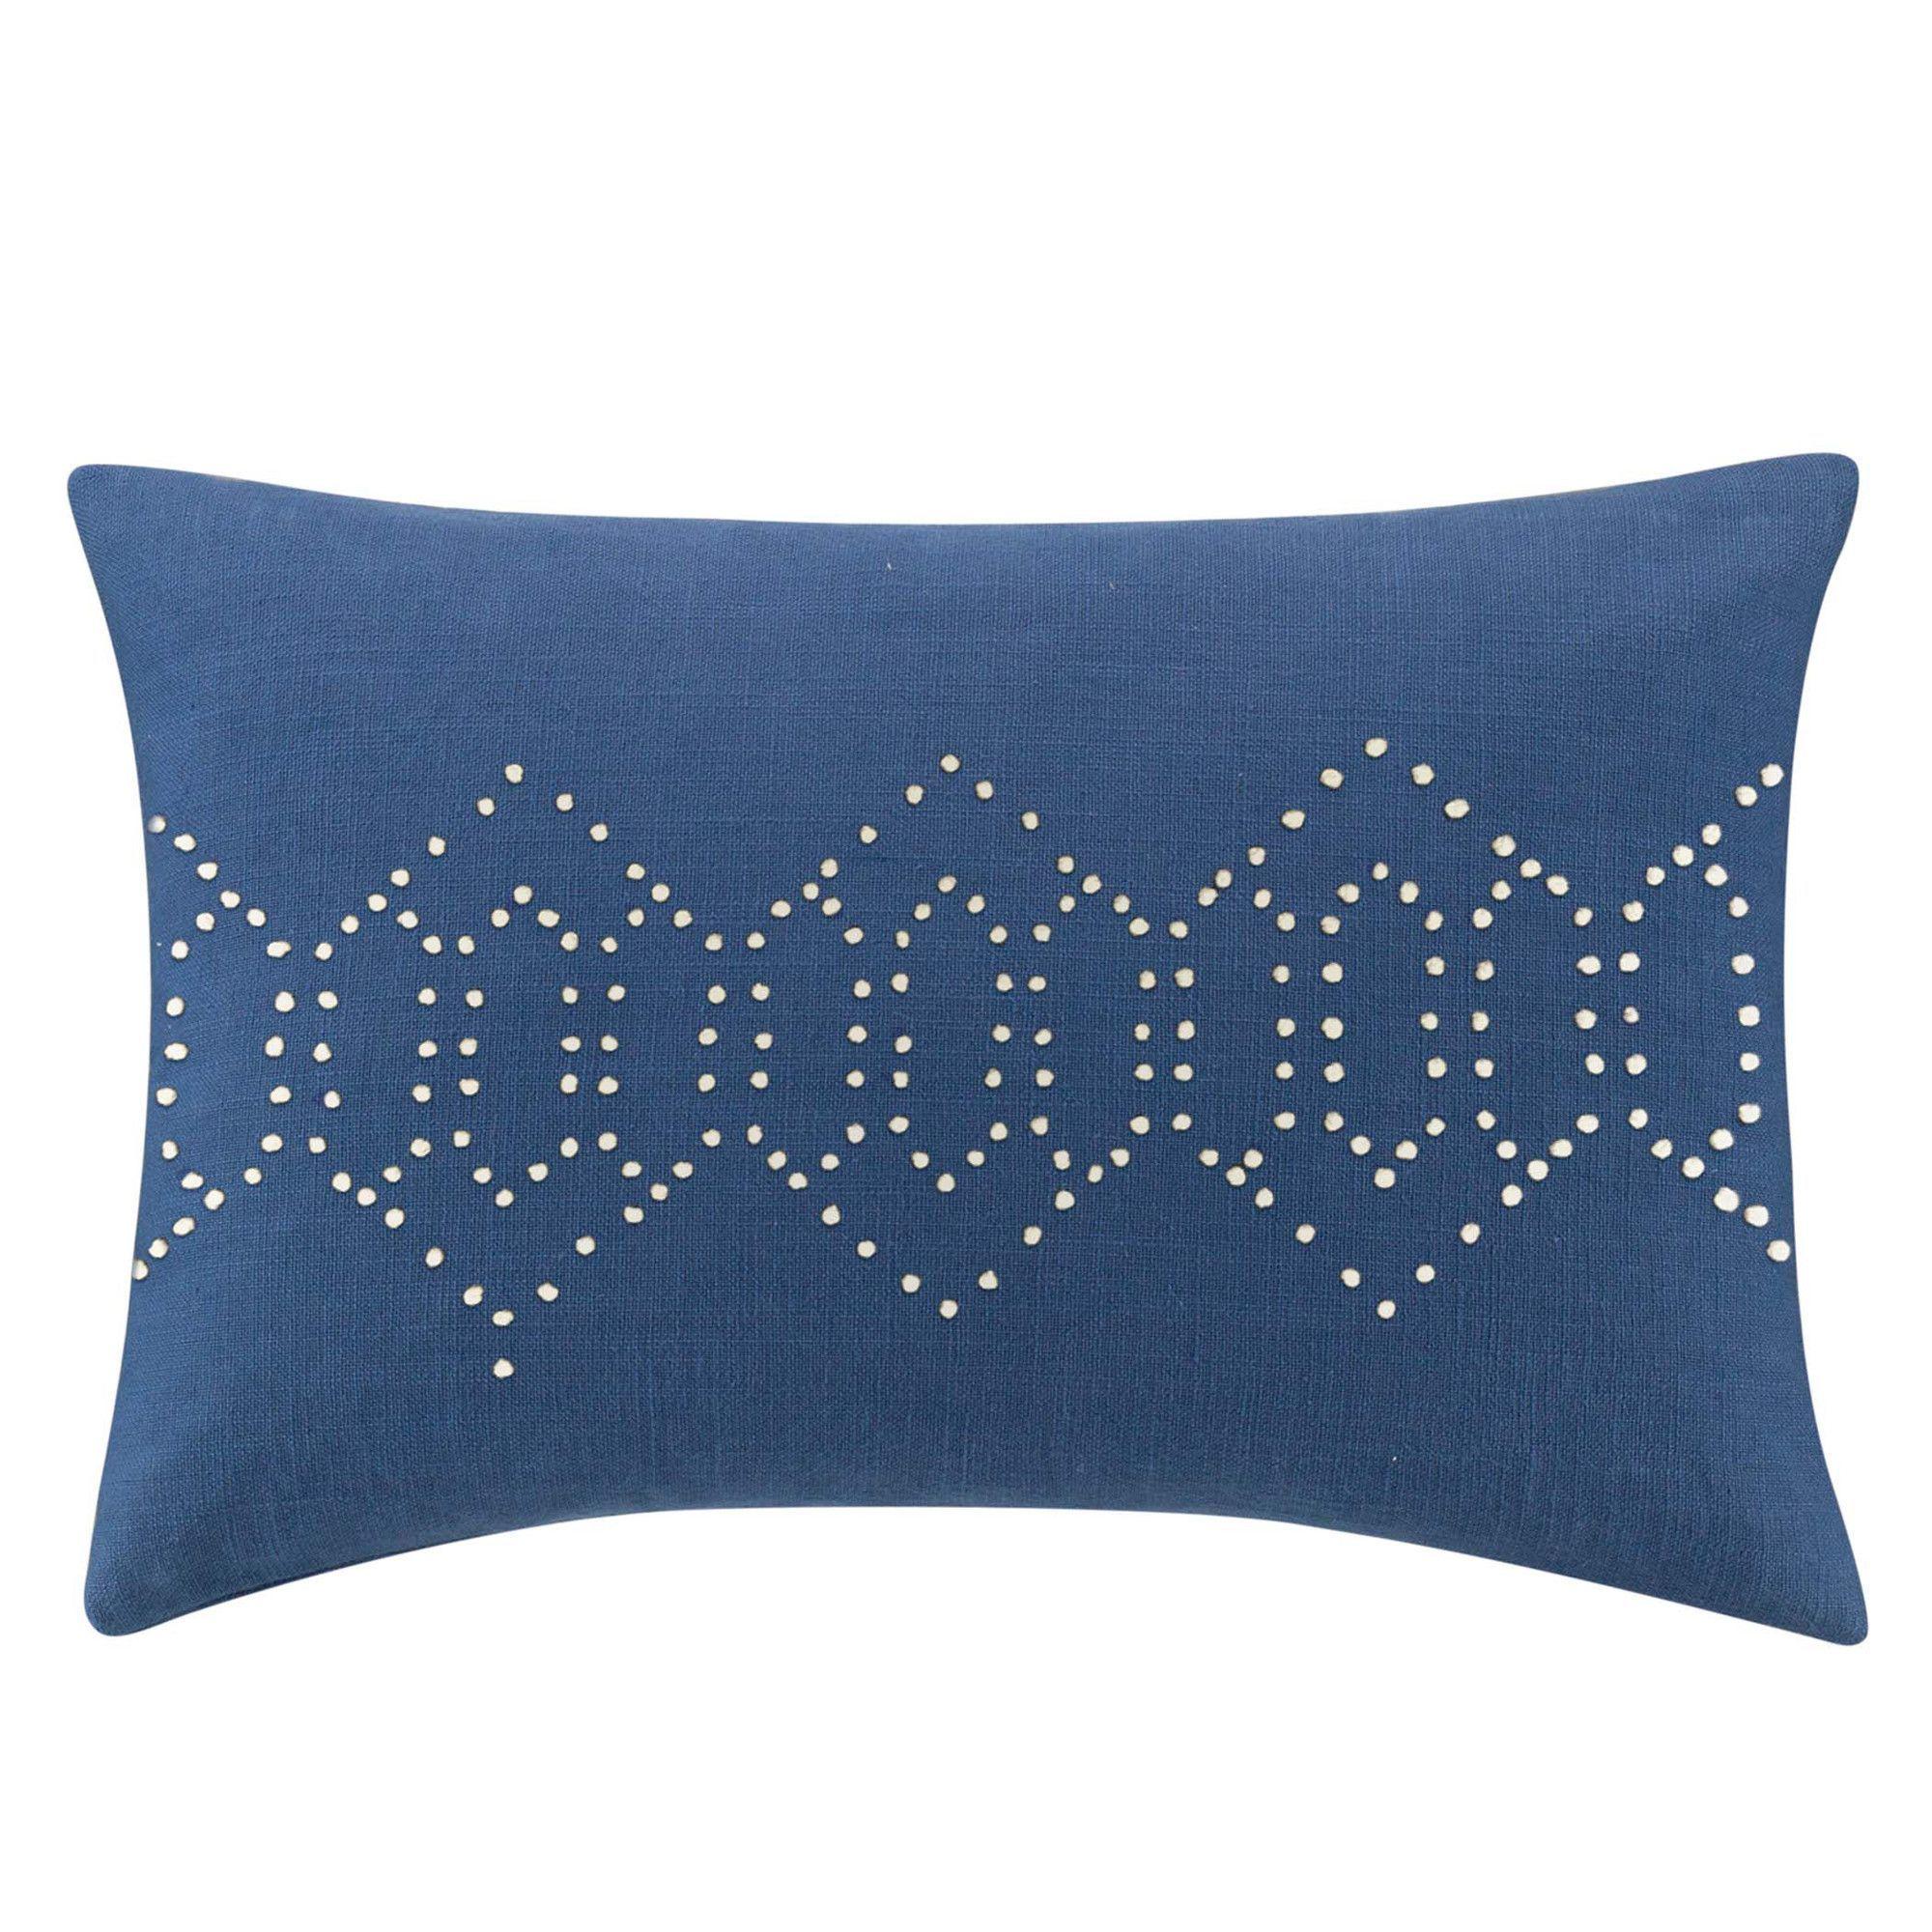 Kas Ingrid Decorative Cotton Lumbar Pillow